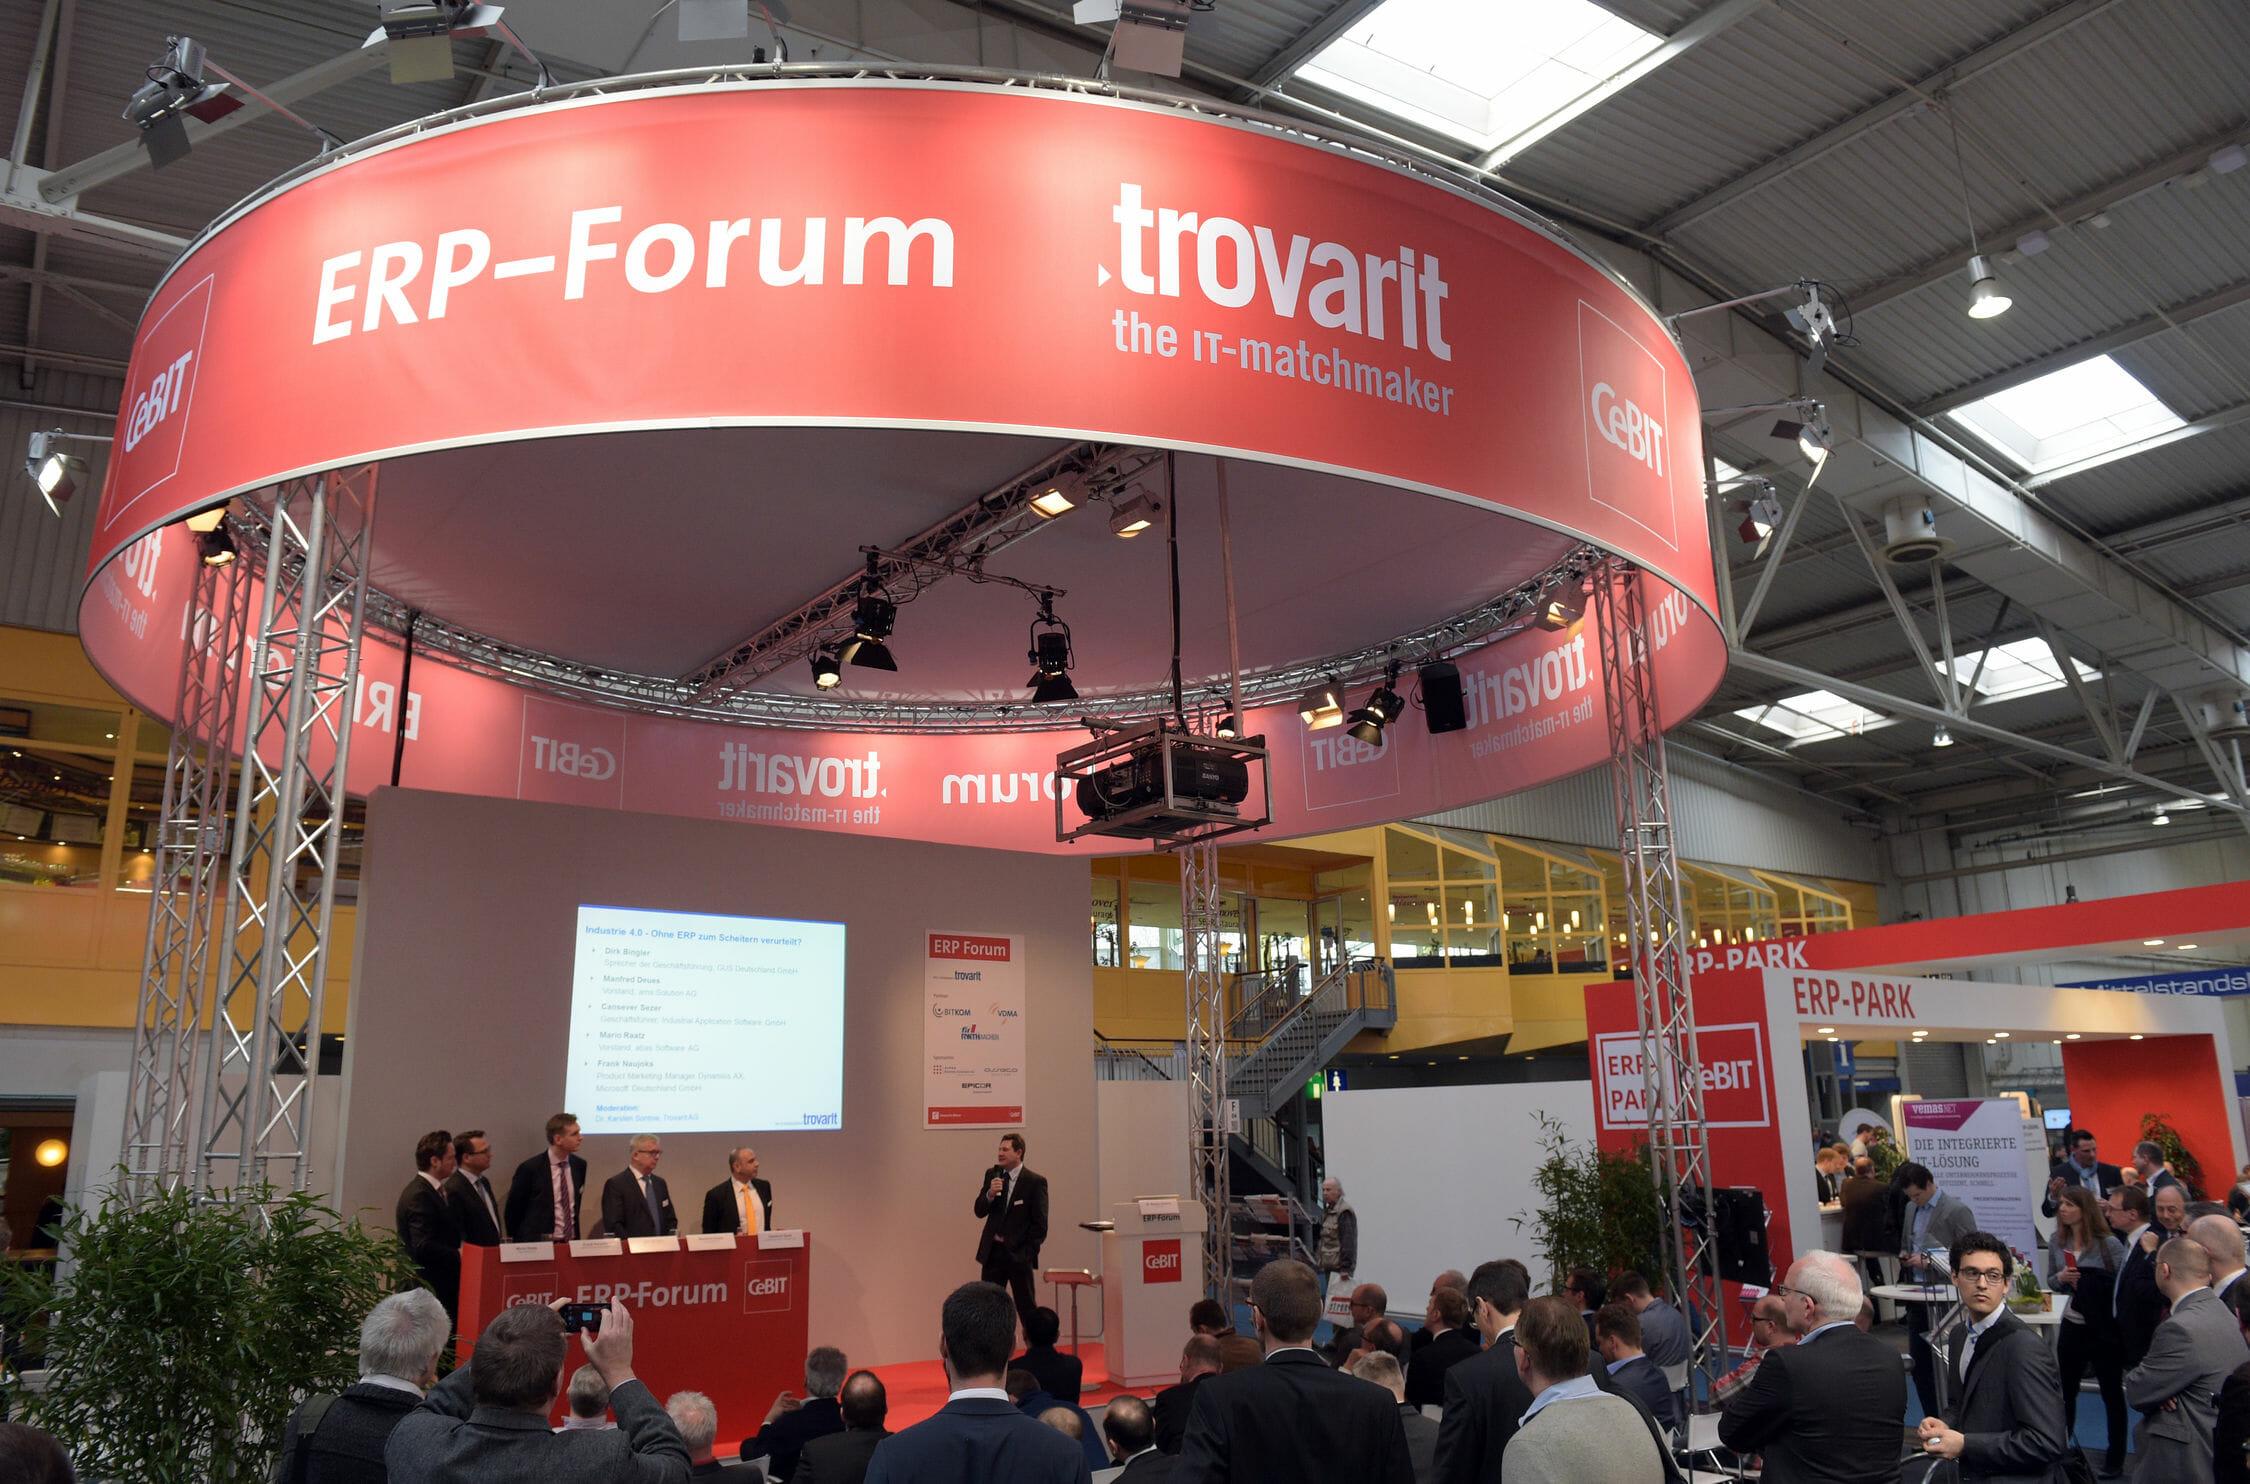 ERP-Forum auf der CeBIT 2015.